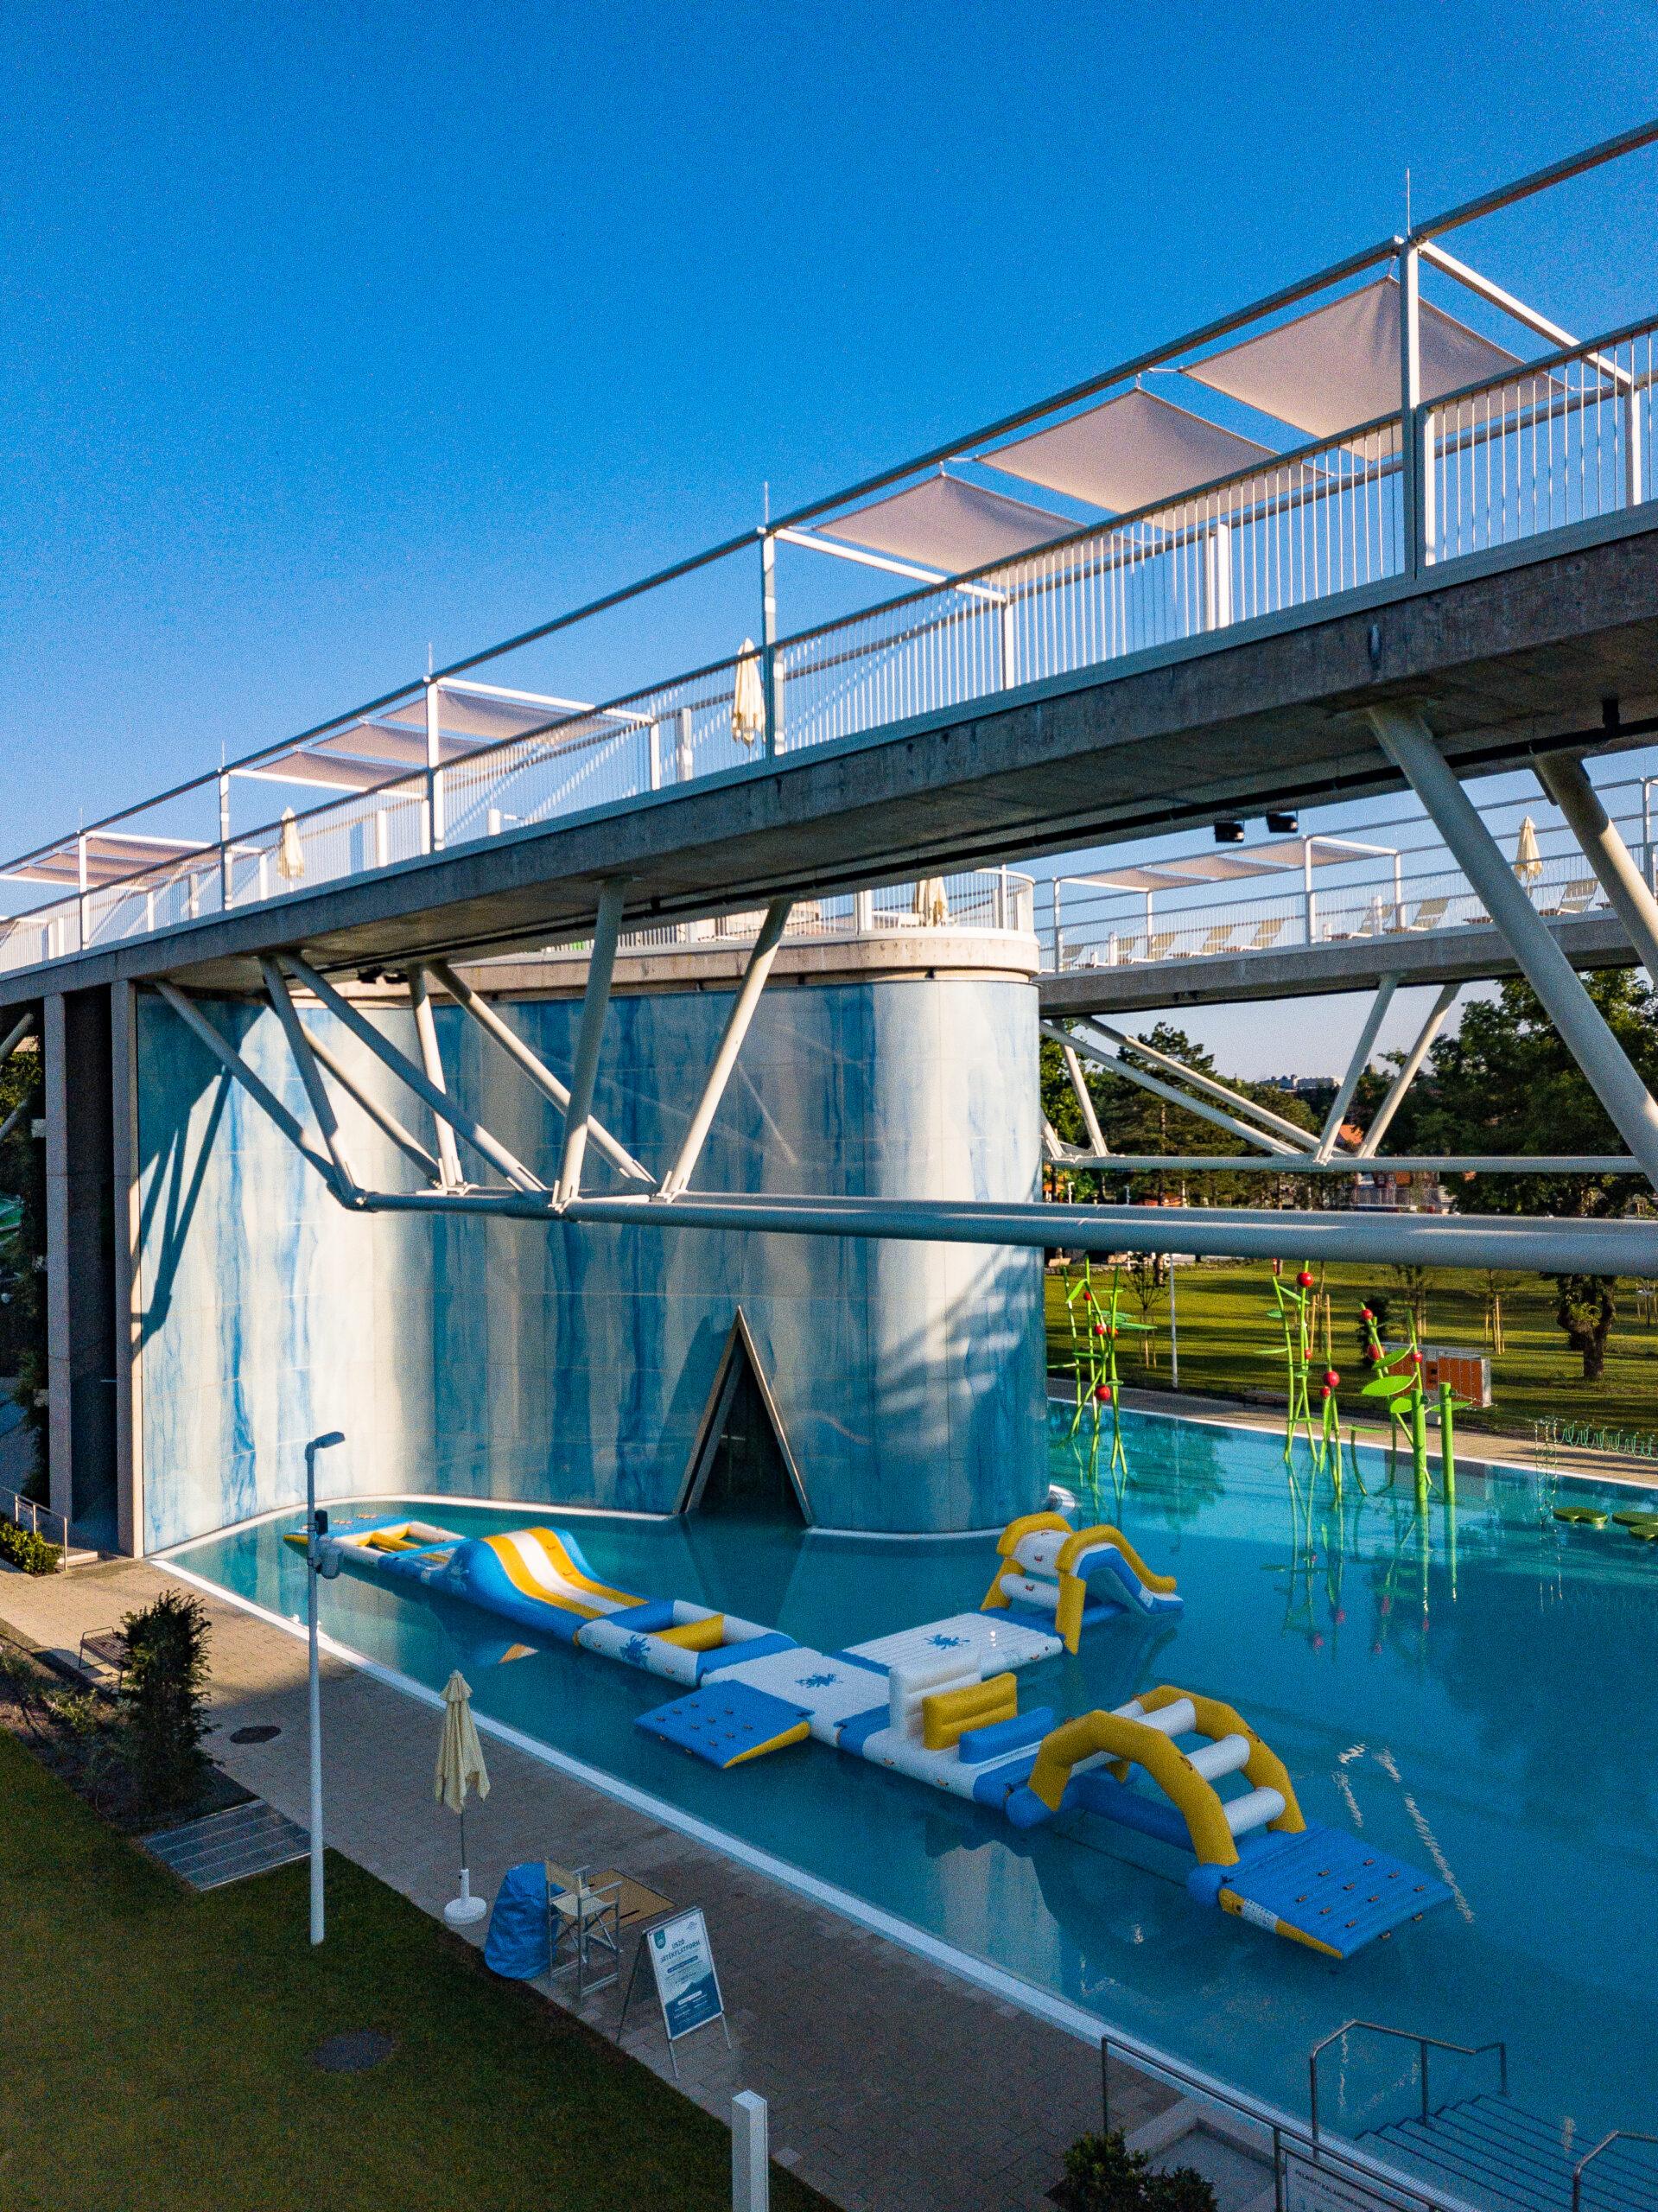 Aquaticum Waterpark of Debrecen